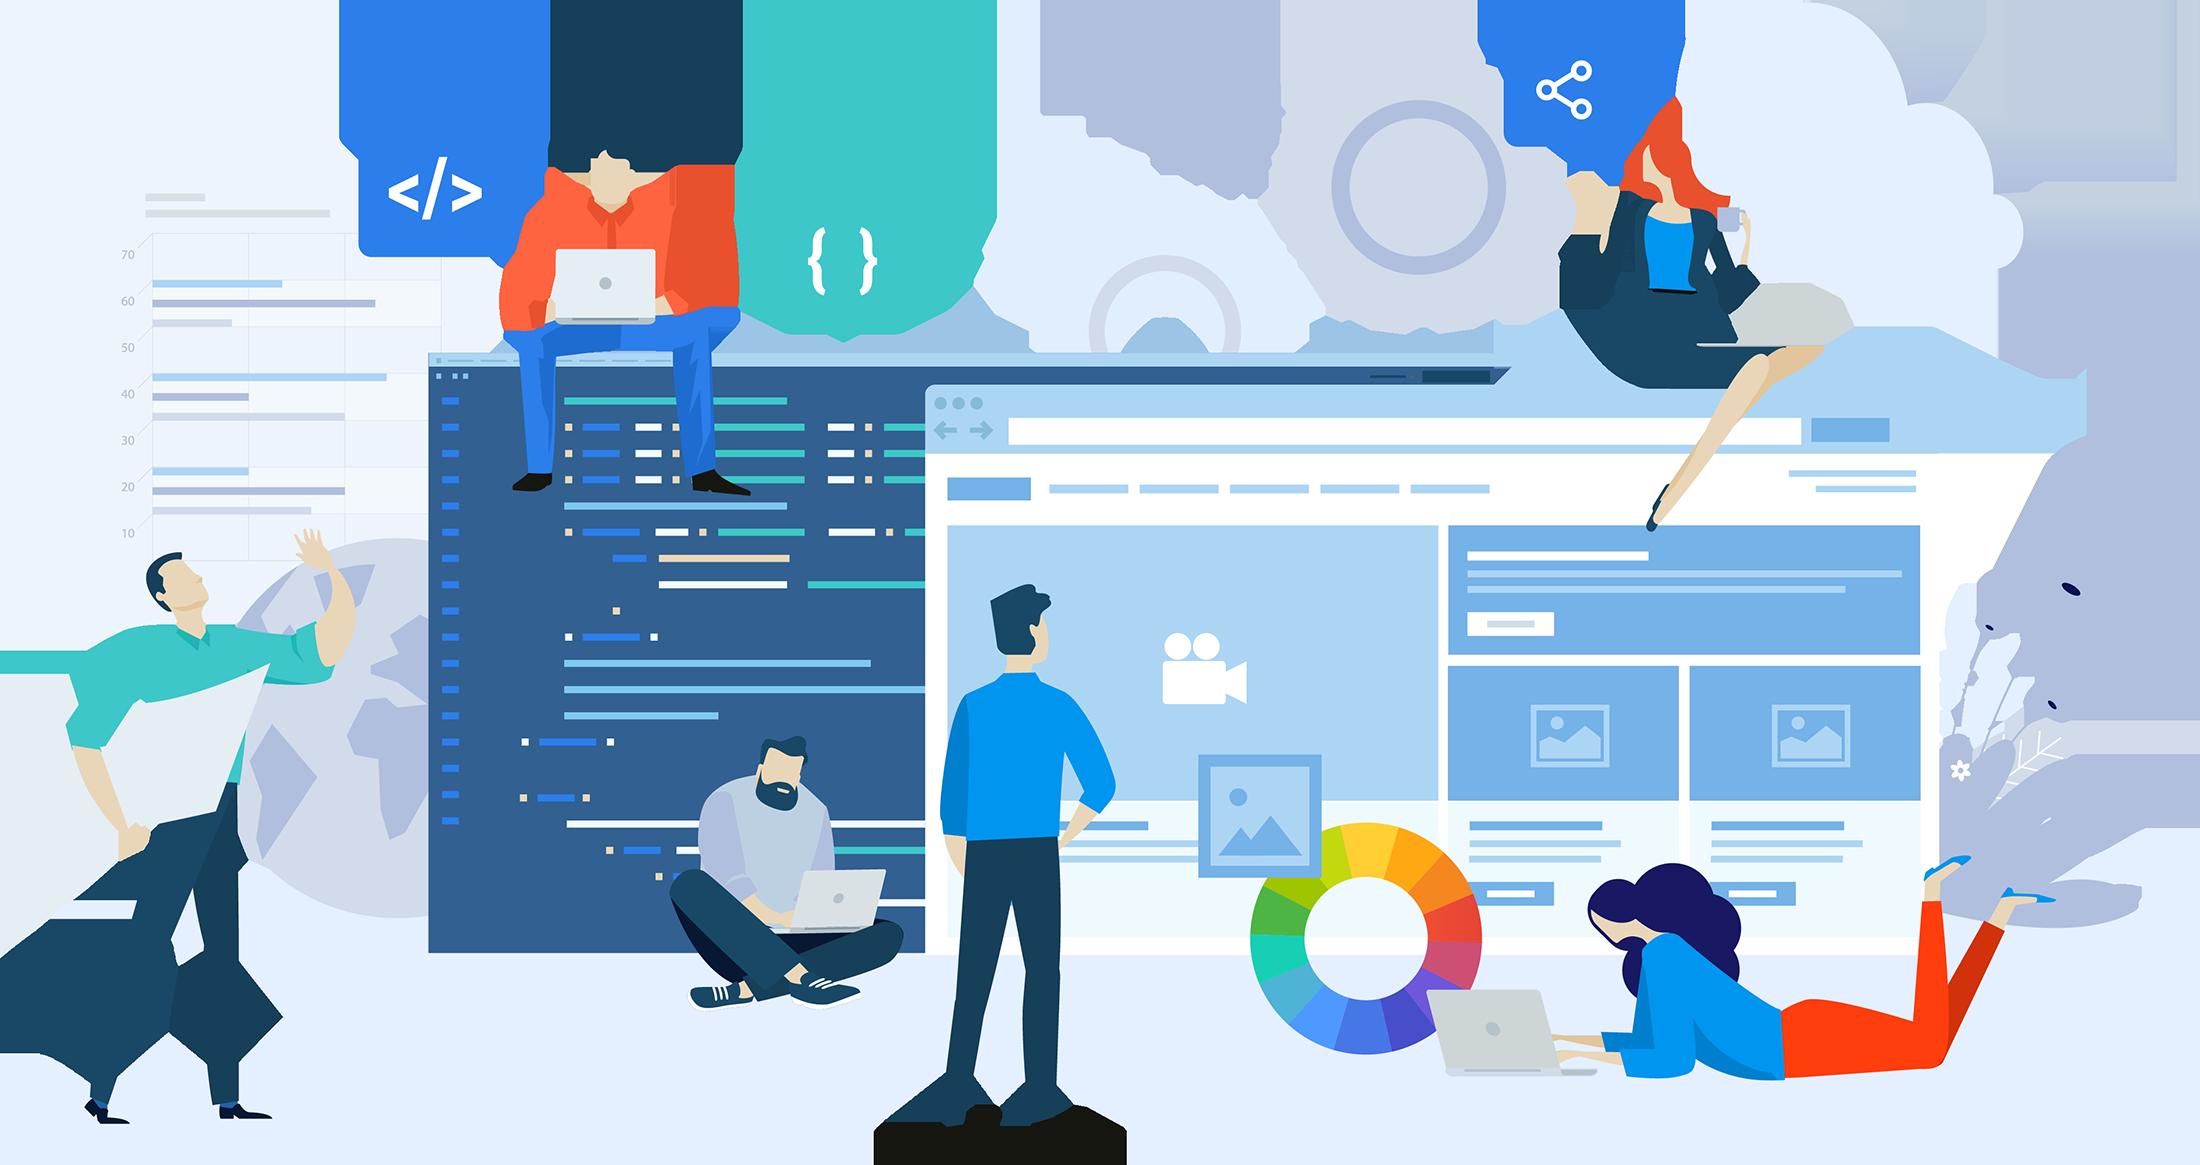 Personer som jobber på ulike deler av en nettside, bl.a. kode, innhold, design. Grafikk